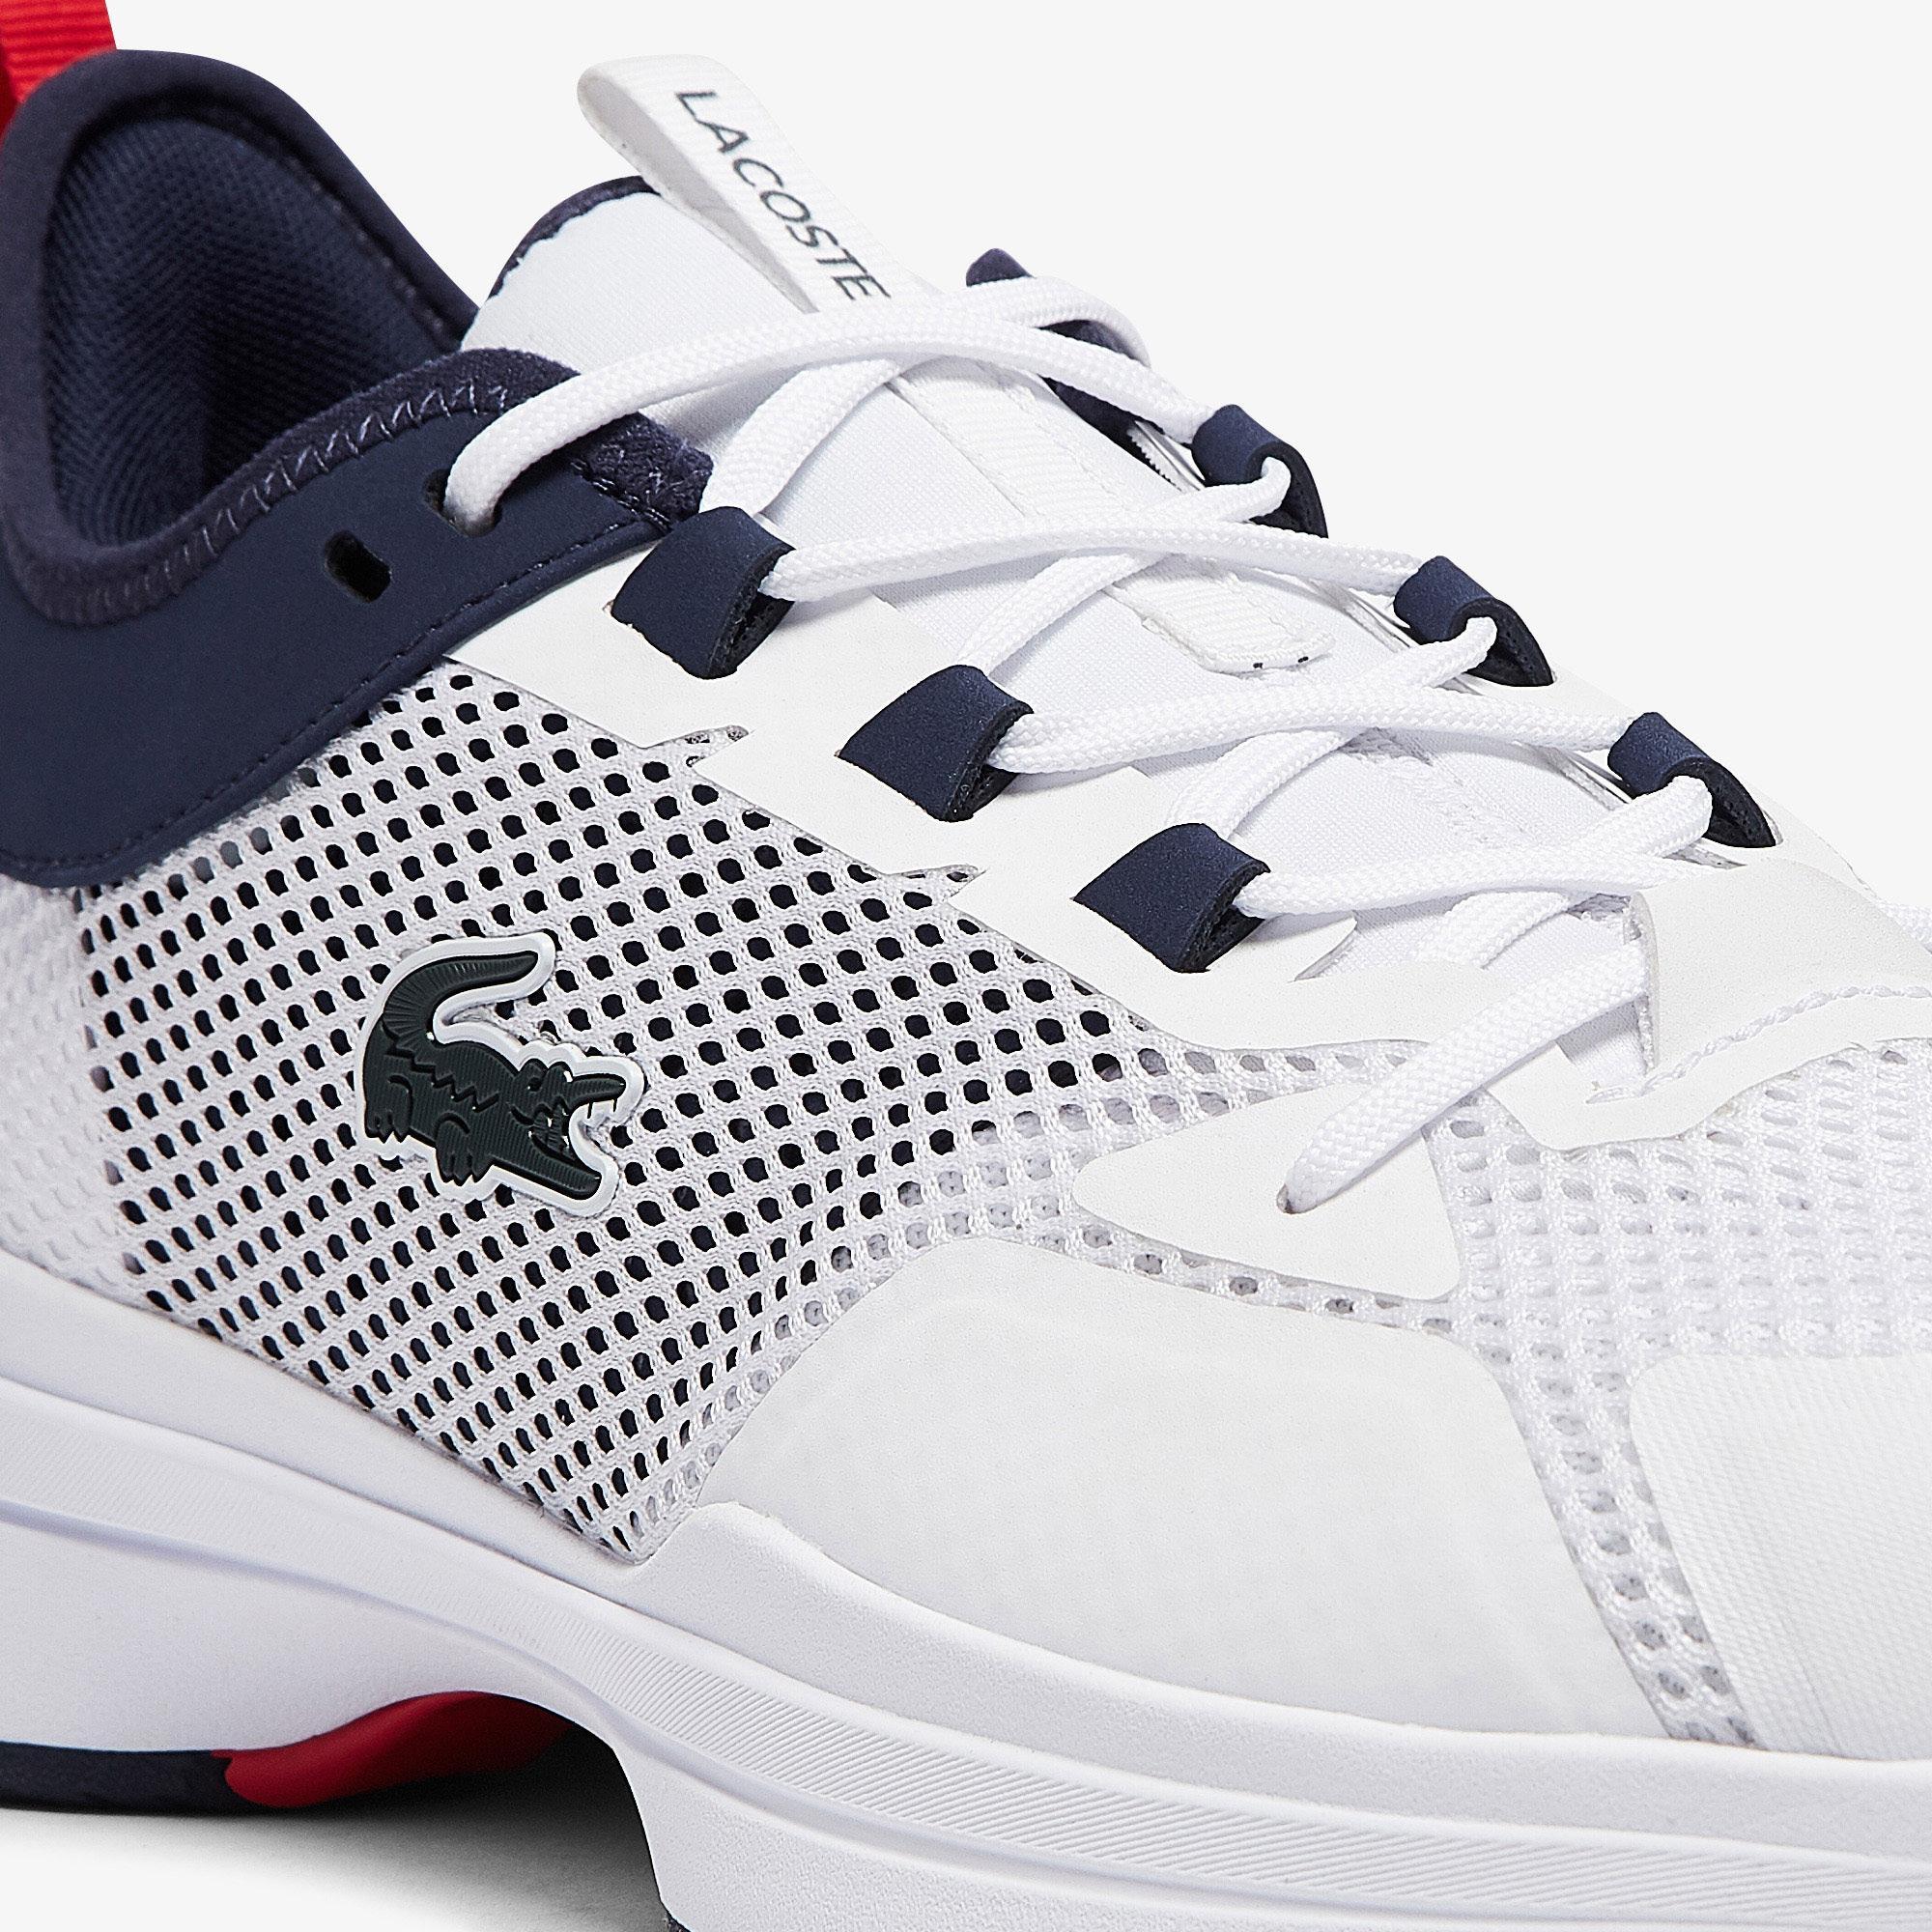 Lacoste Ag-Lt21 0921 1 Sma Erkek Beyaz - Mavi Spor Ayakkabı